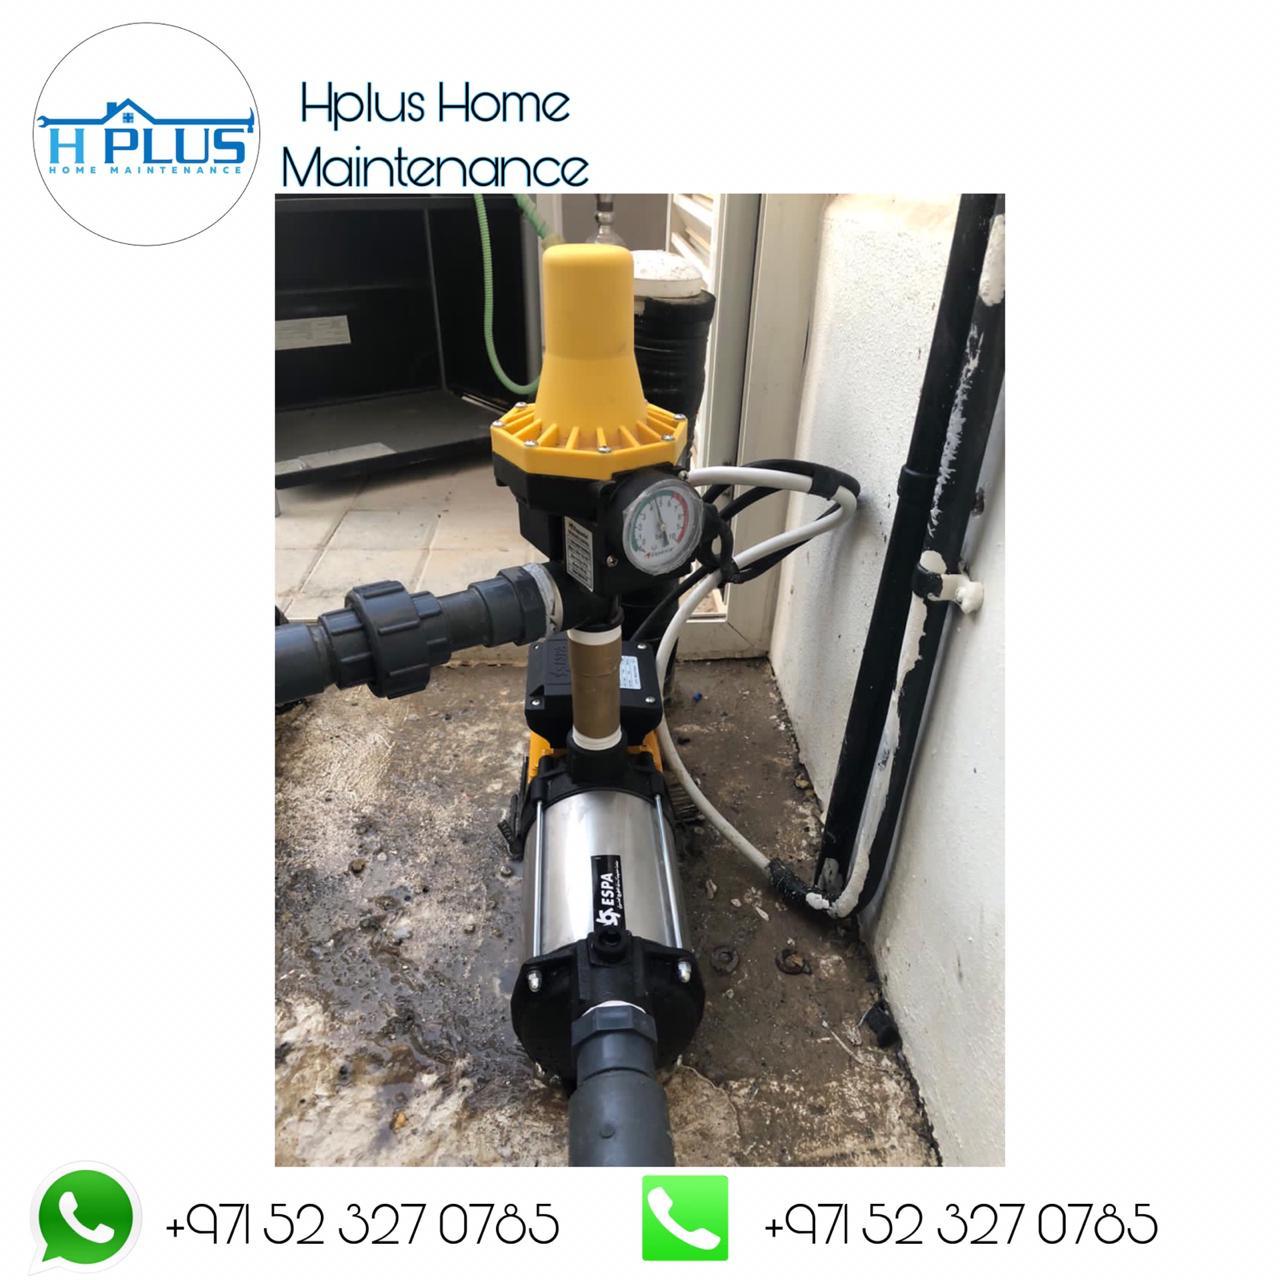 WhatsApp Image 2020-11-24 at 9.41.41 PM.jpeg